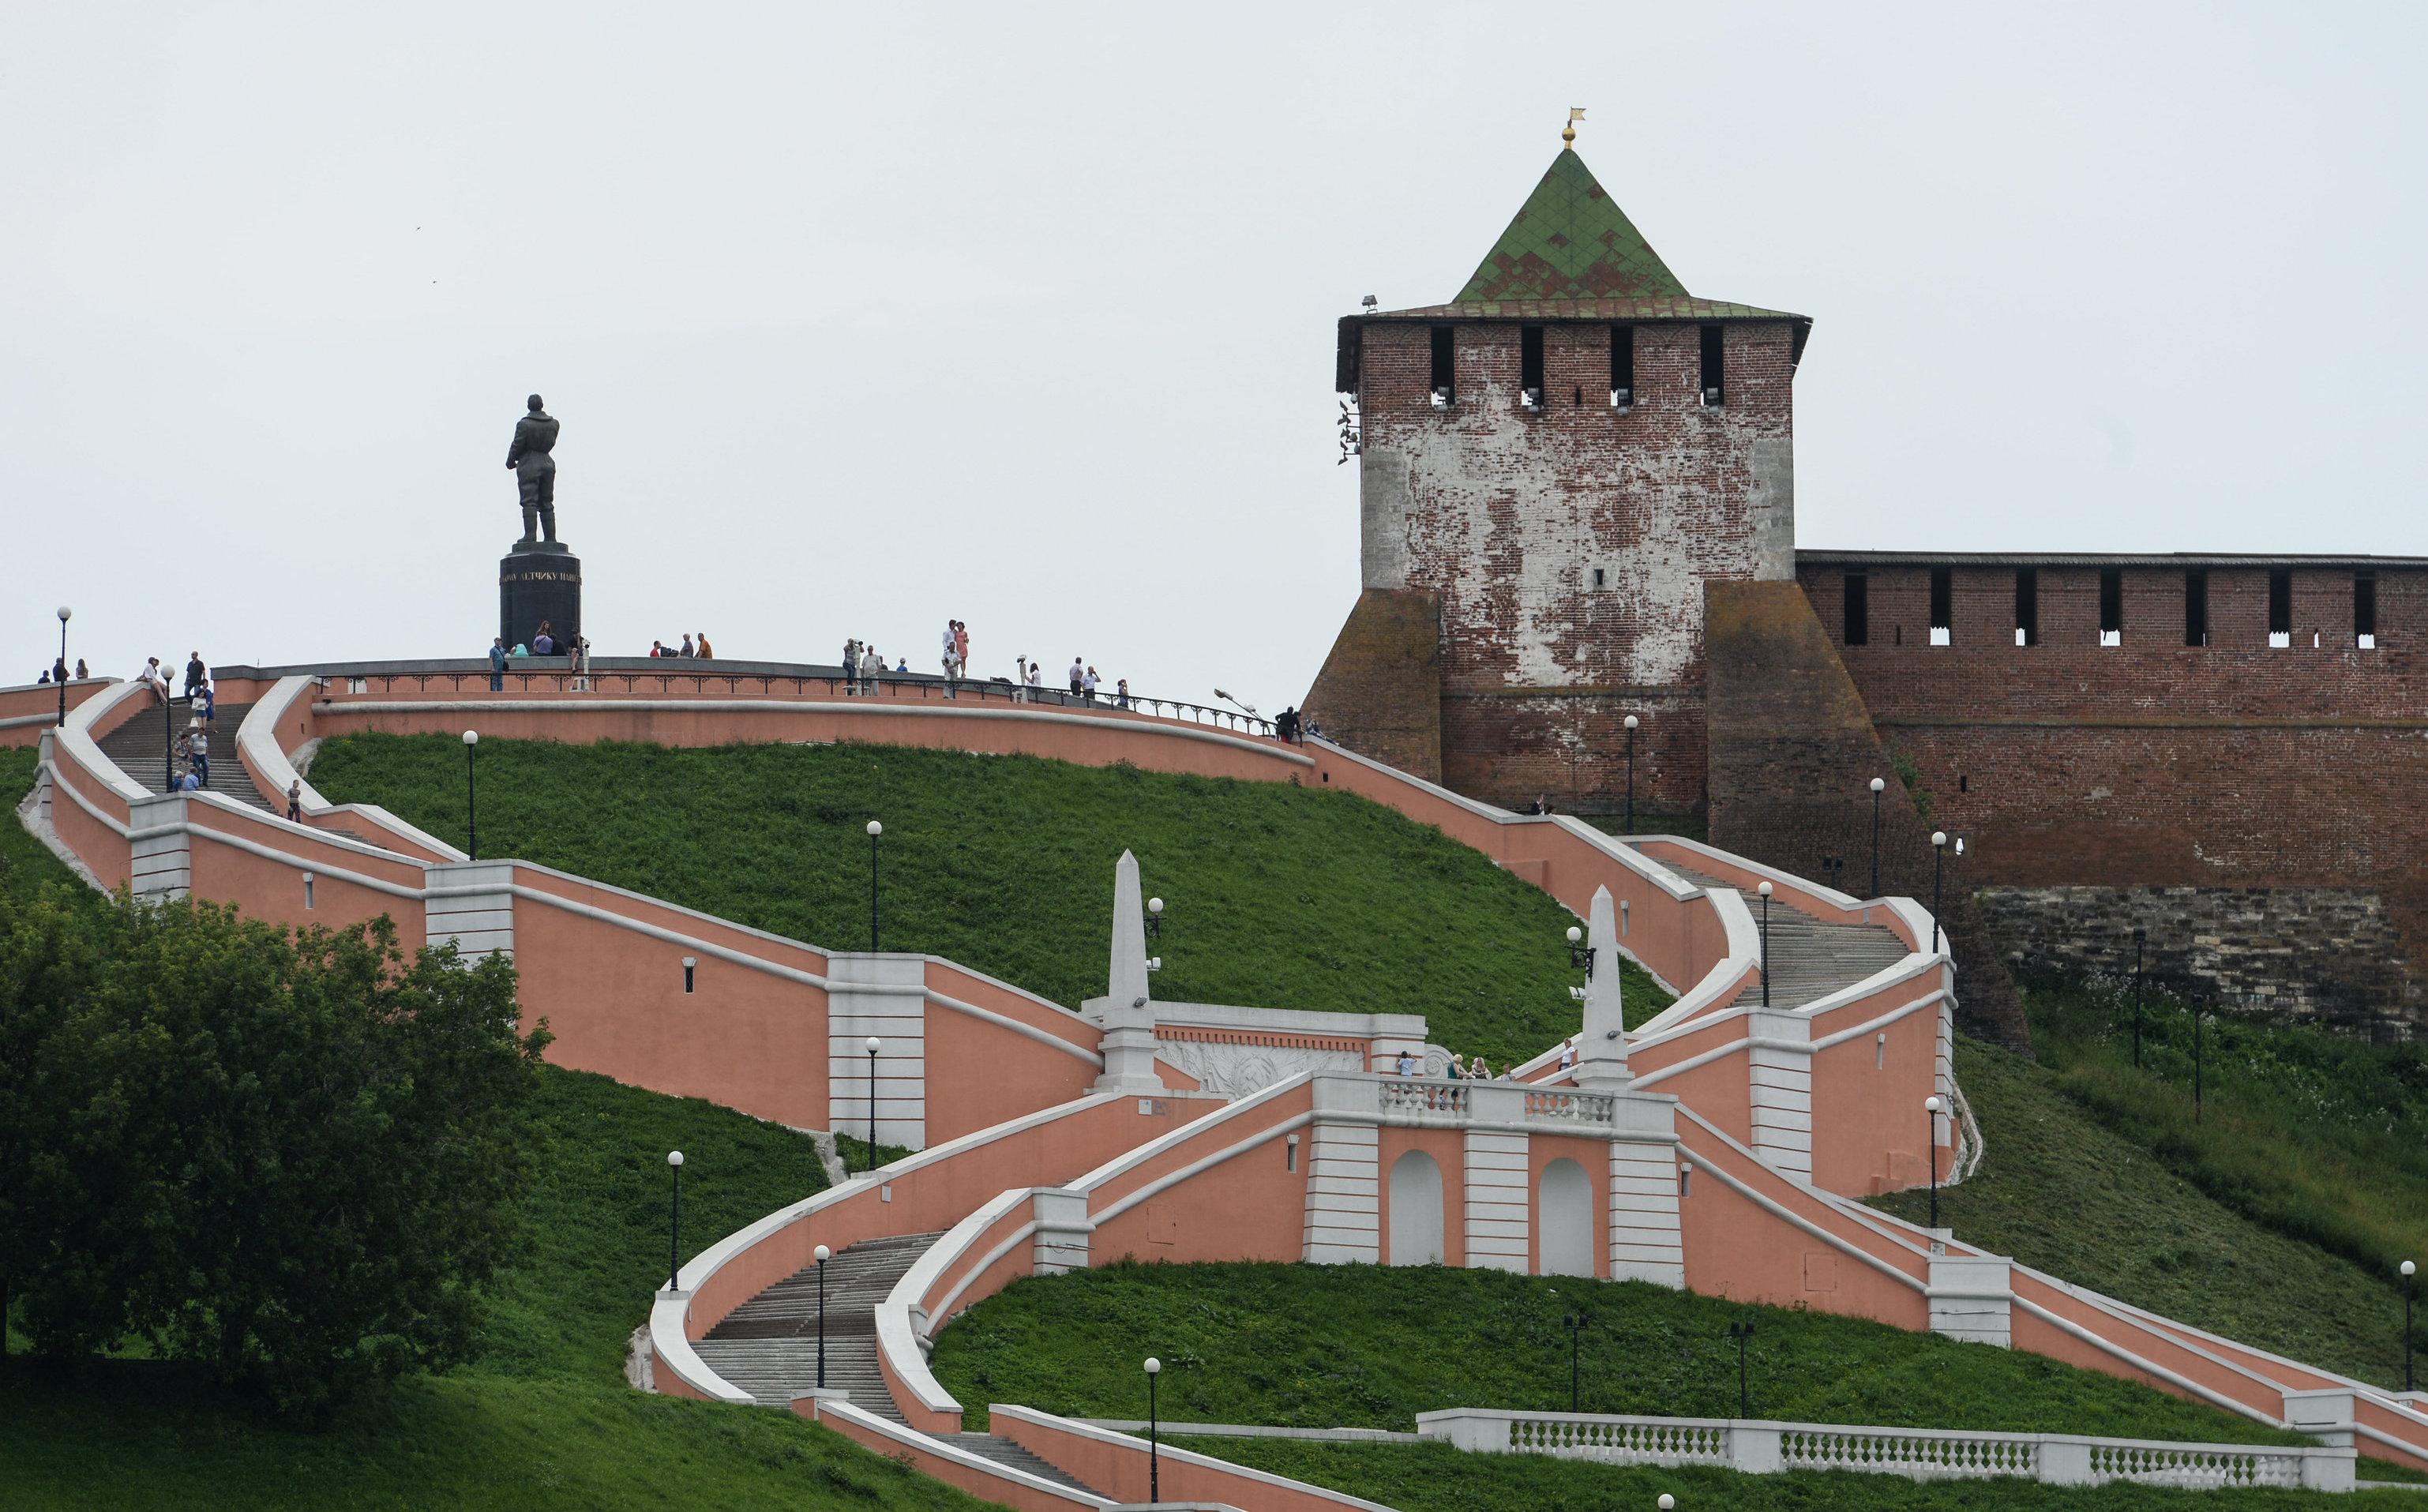 Escalinata y monumento de Chkálov en los aledaños del Kremlin de Nizhni Nóvgorod, ciudad donde se graduó como piloto.